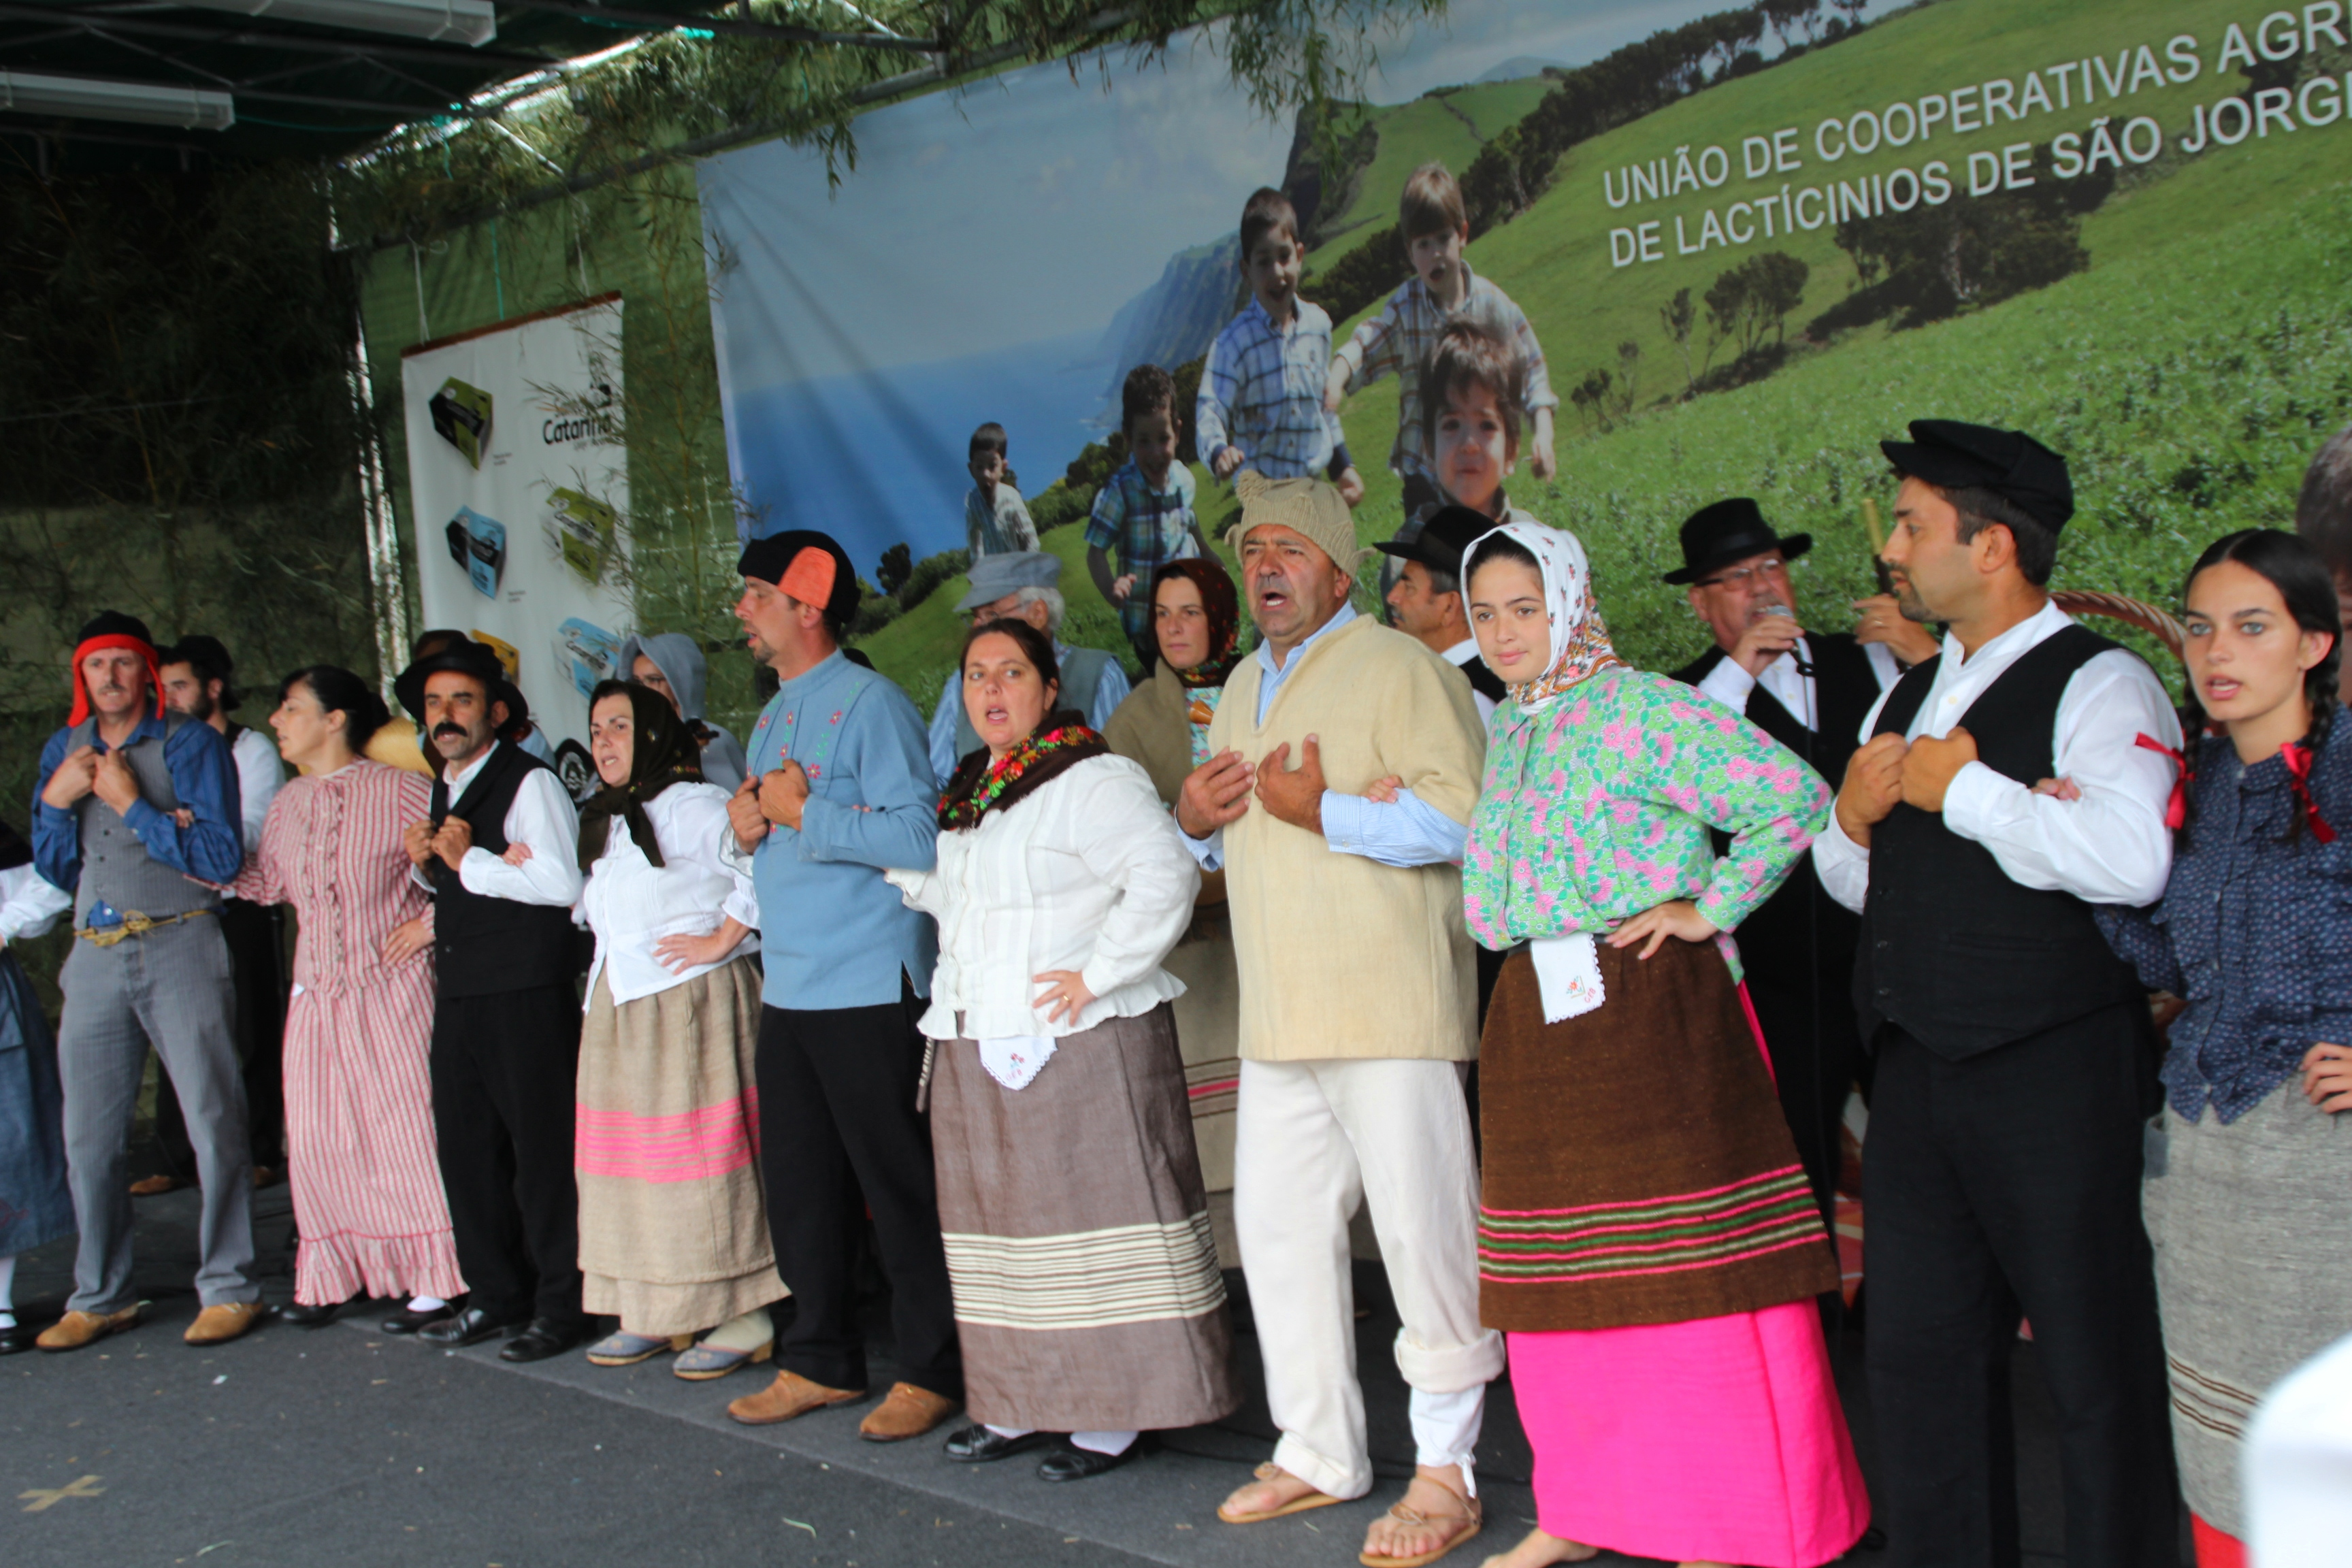 GEB – Grupo Etnográfico da Beira atua no Festival de Julho / 2016 (reportagem fotográfica)